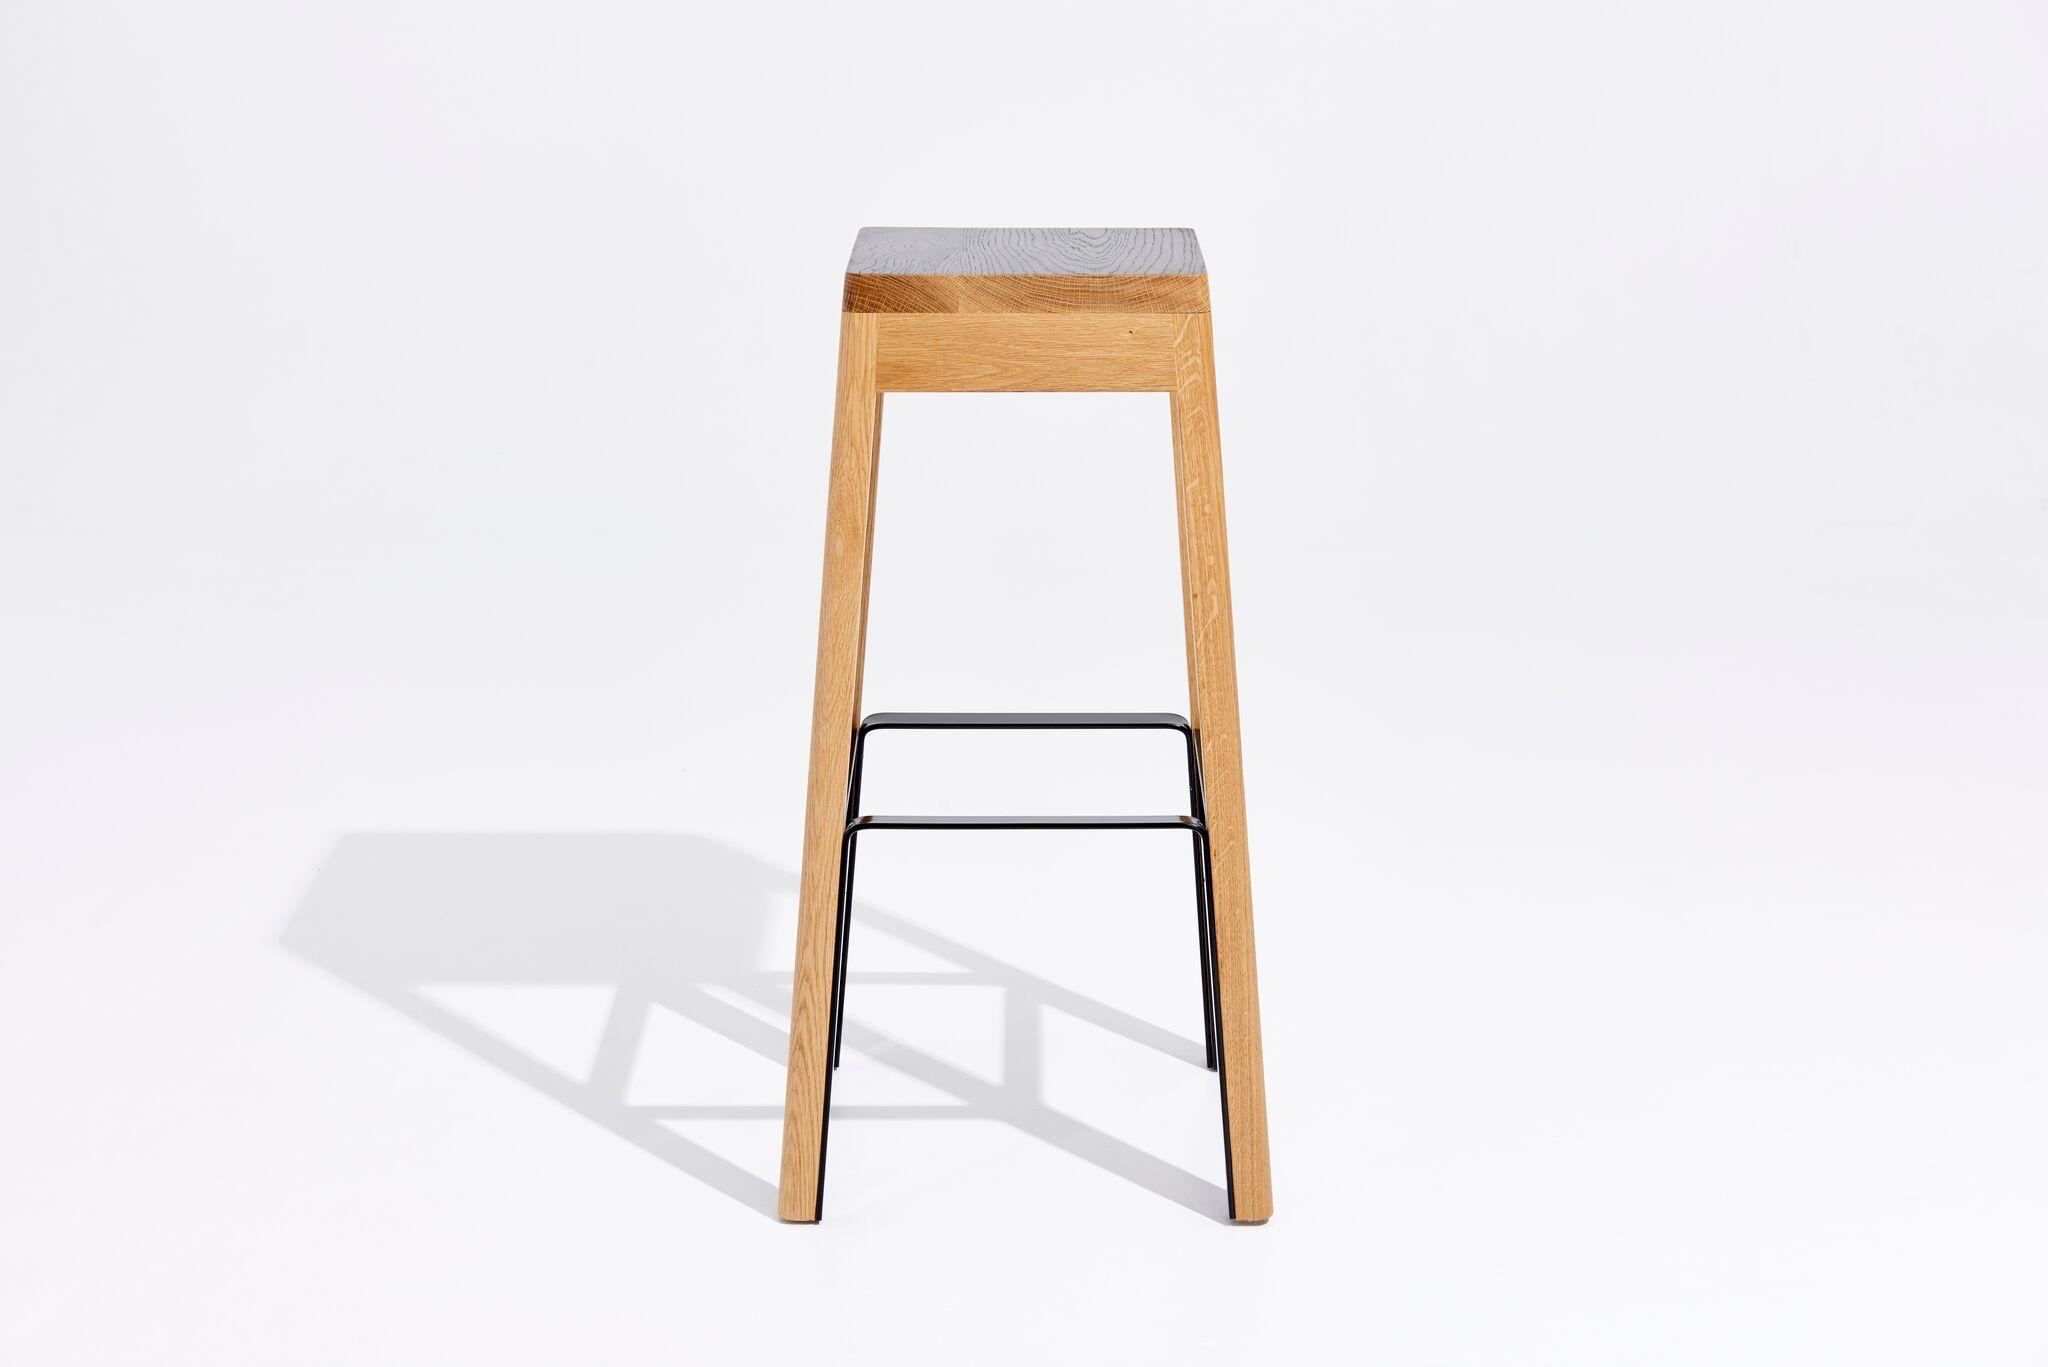 Local designed bespoke furniture